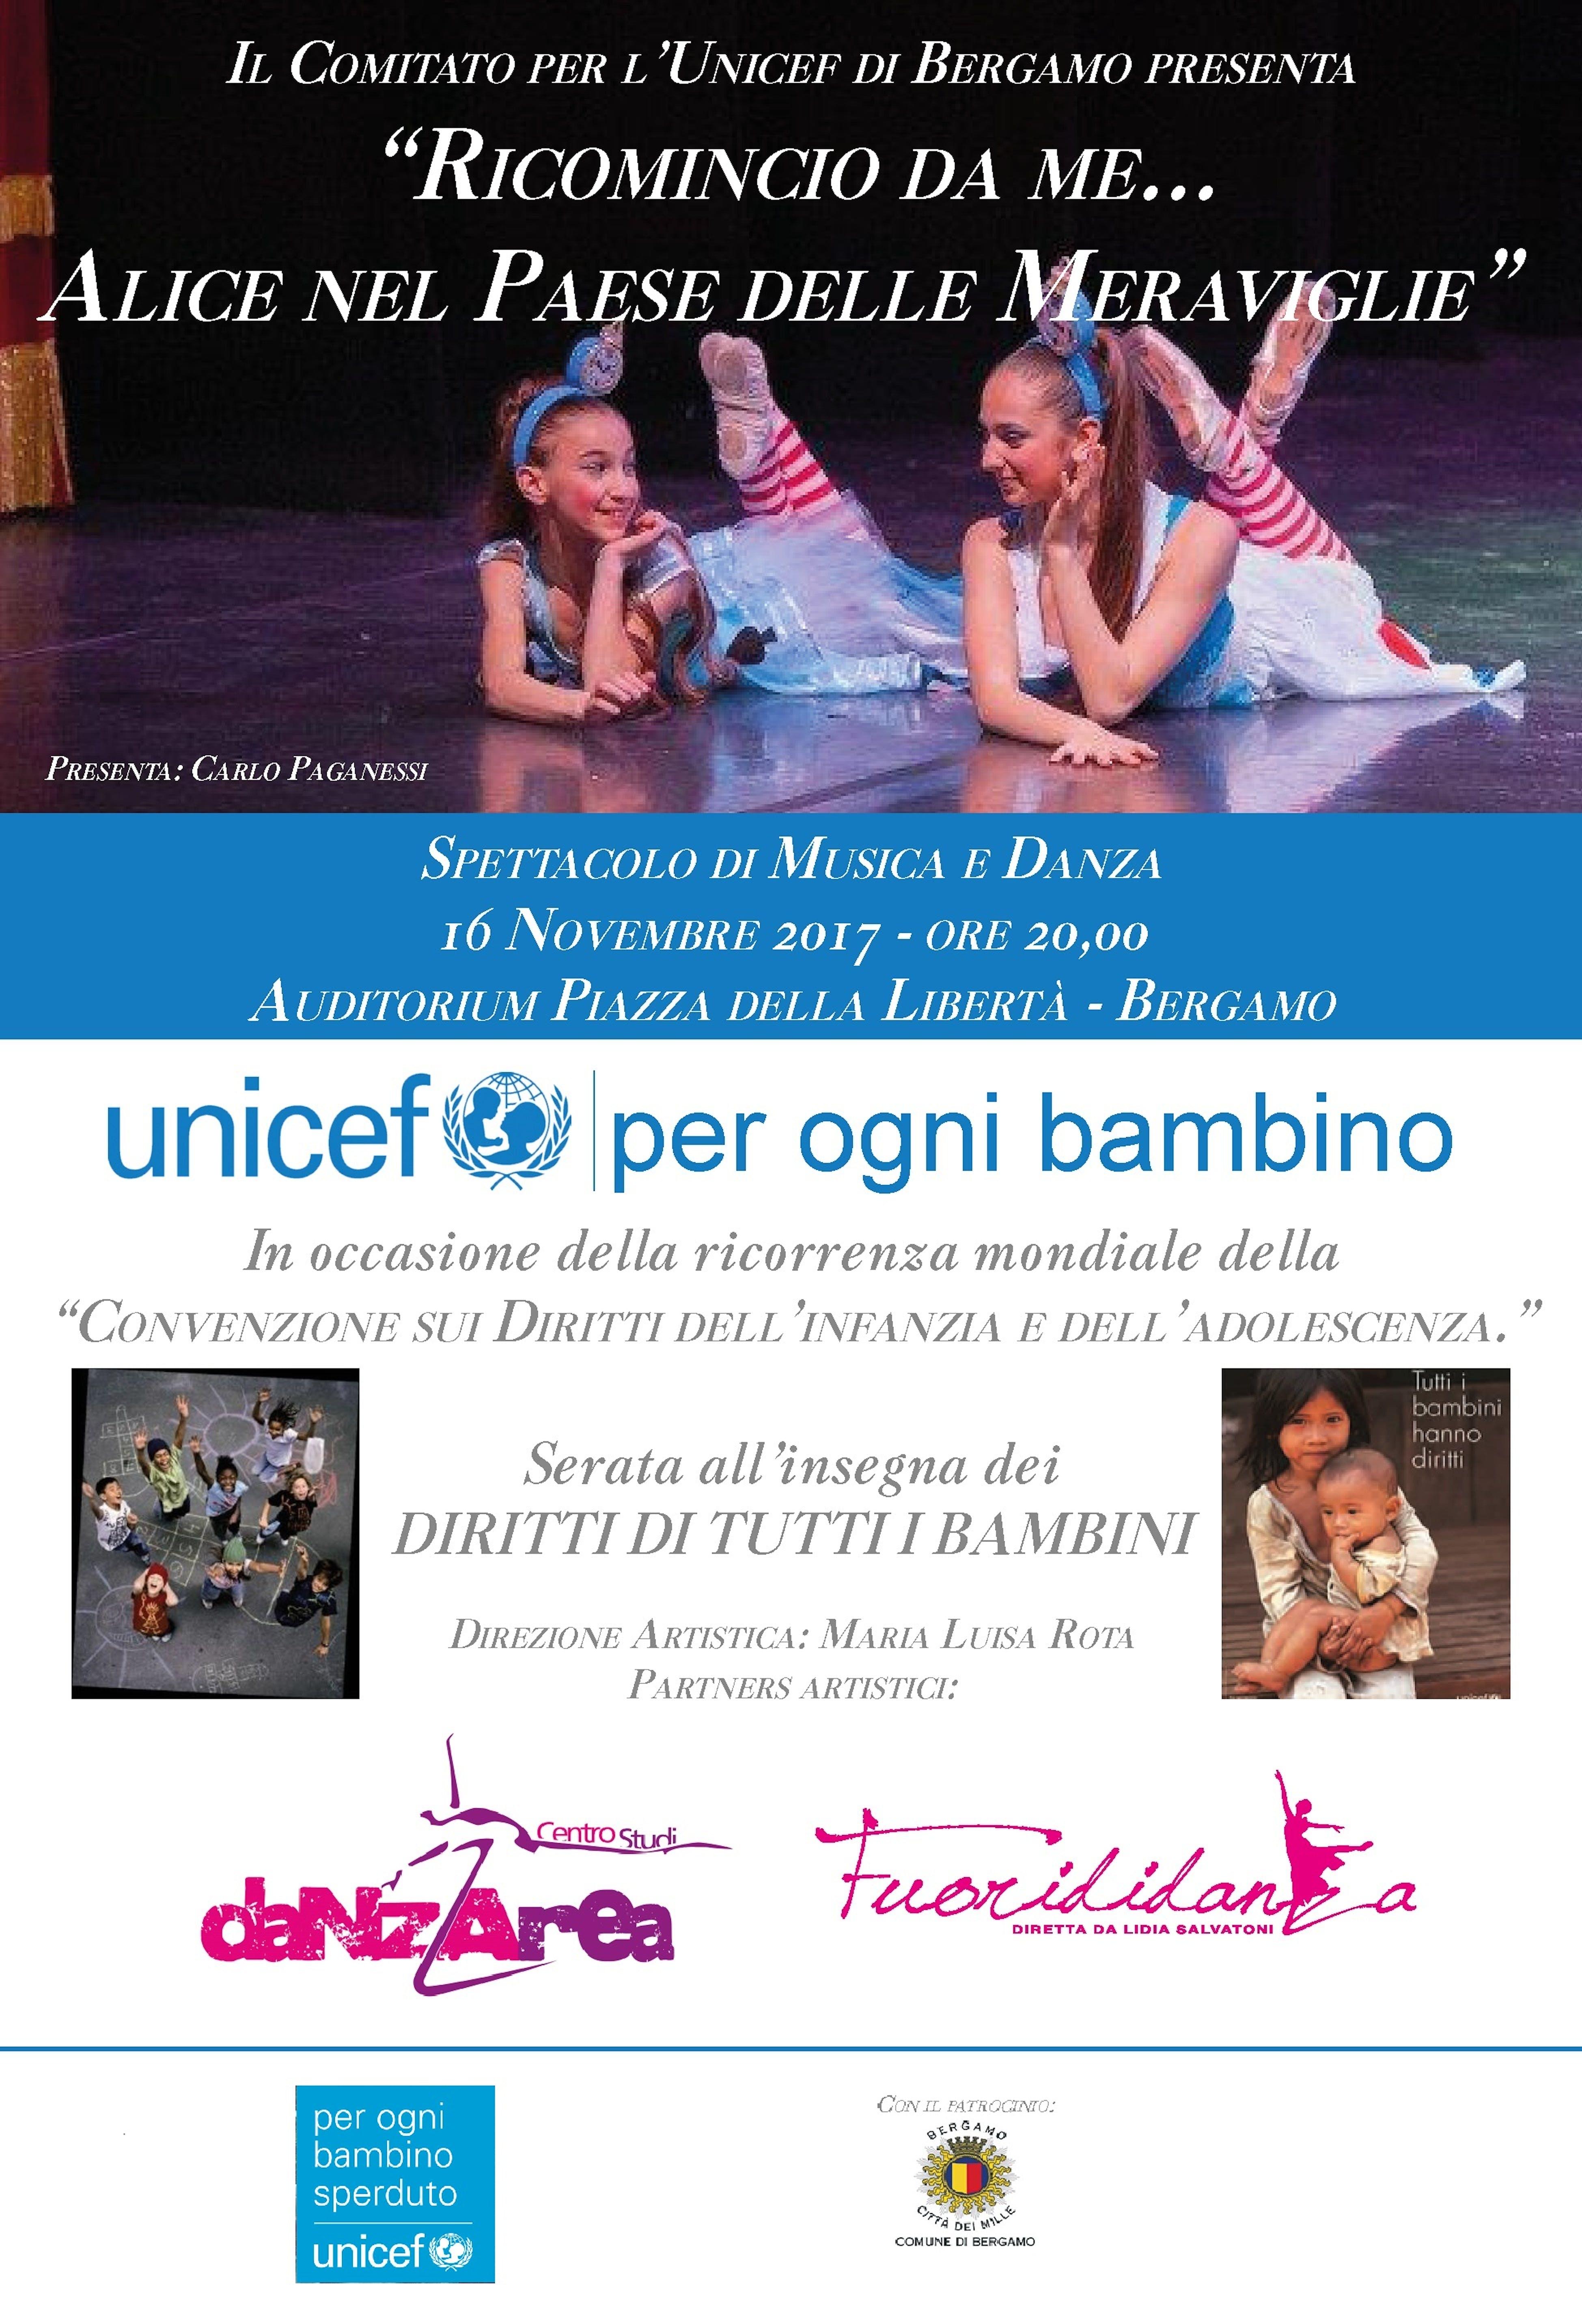 Bergamo: incontro sui diritti dei bambini e spettacolo di musica e danza